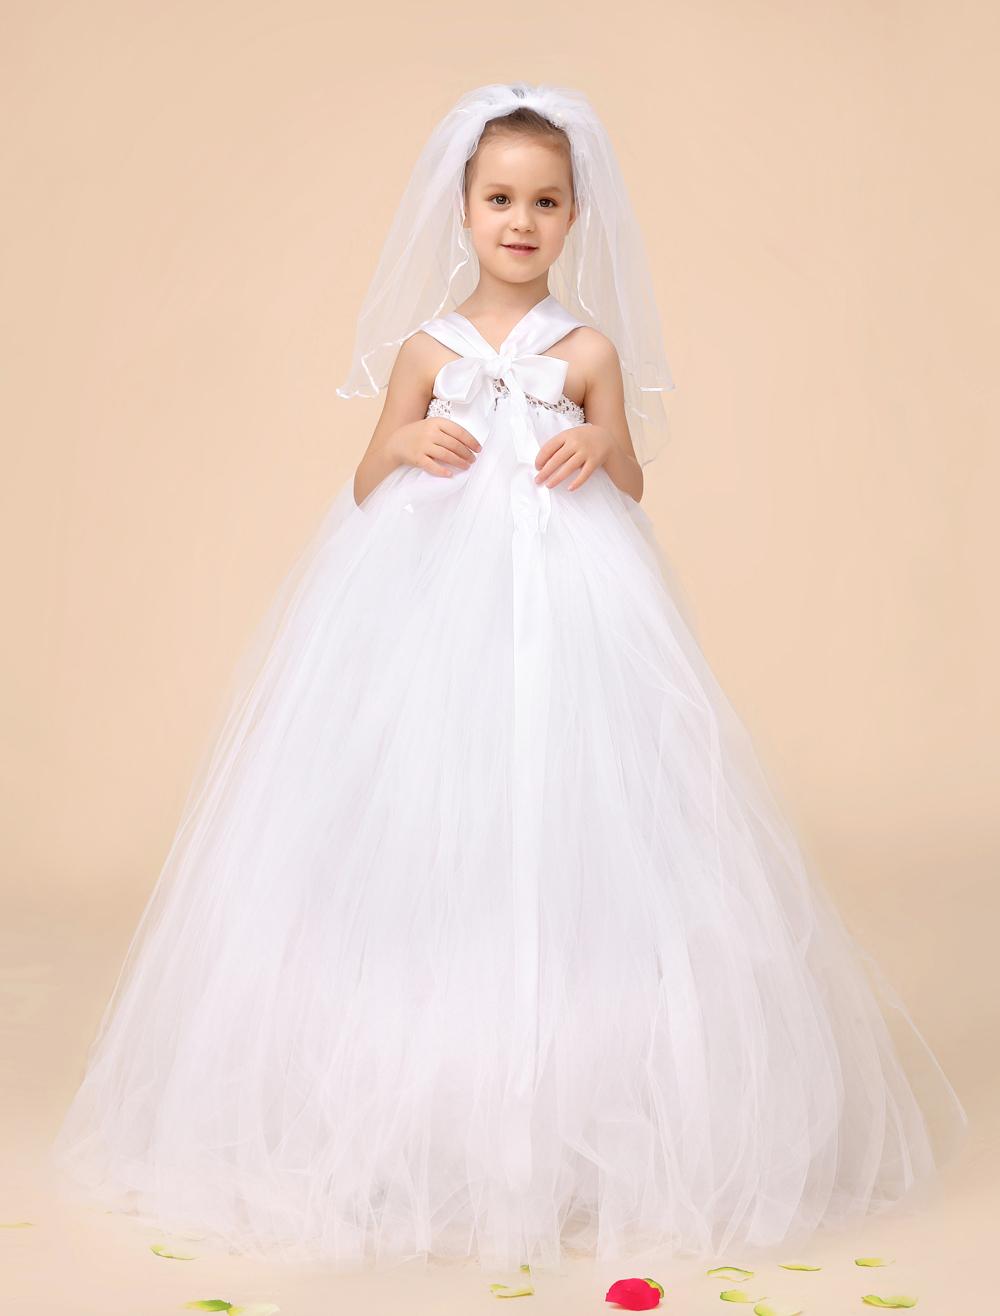 ivoire robe de princesse robe de bal en tulle fleur fille robes enfants avec un arc robe de cérémonie robe tutu livraison gratuite voile est inclus